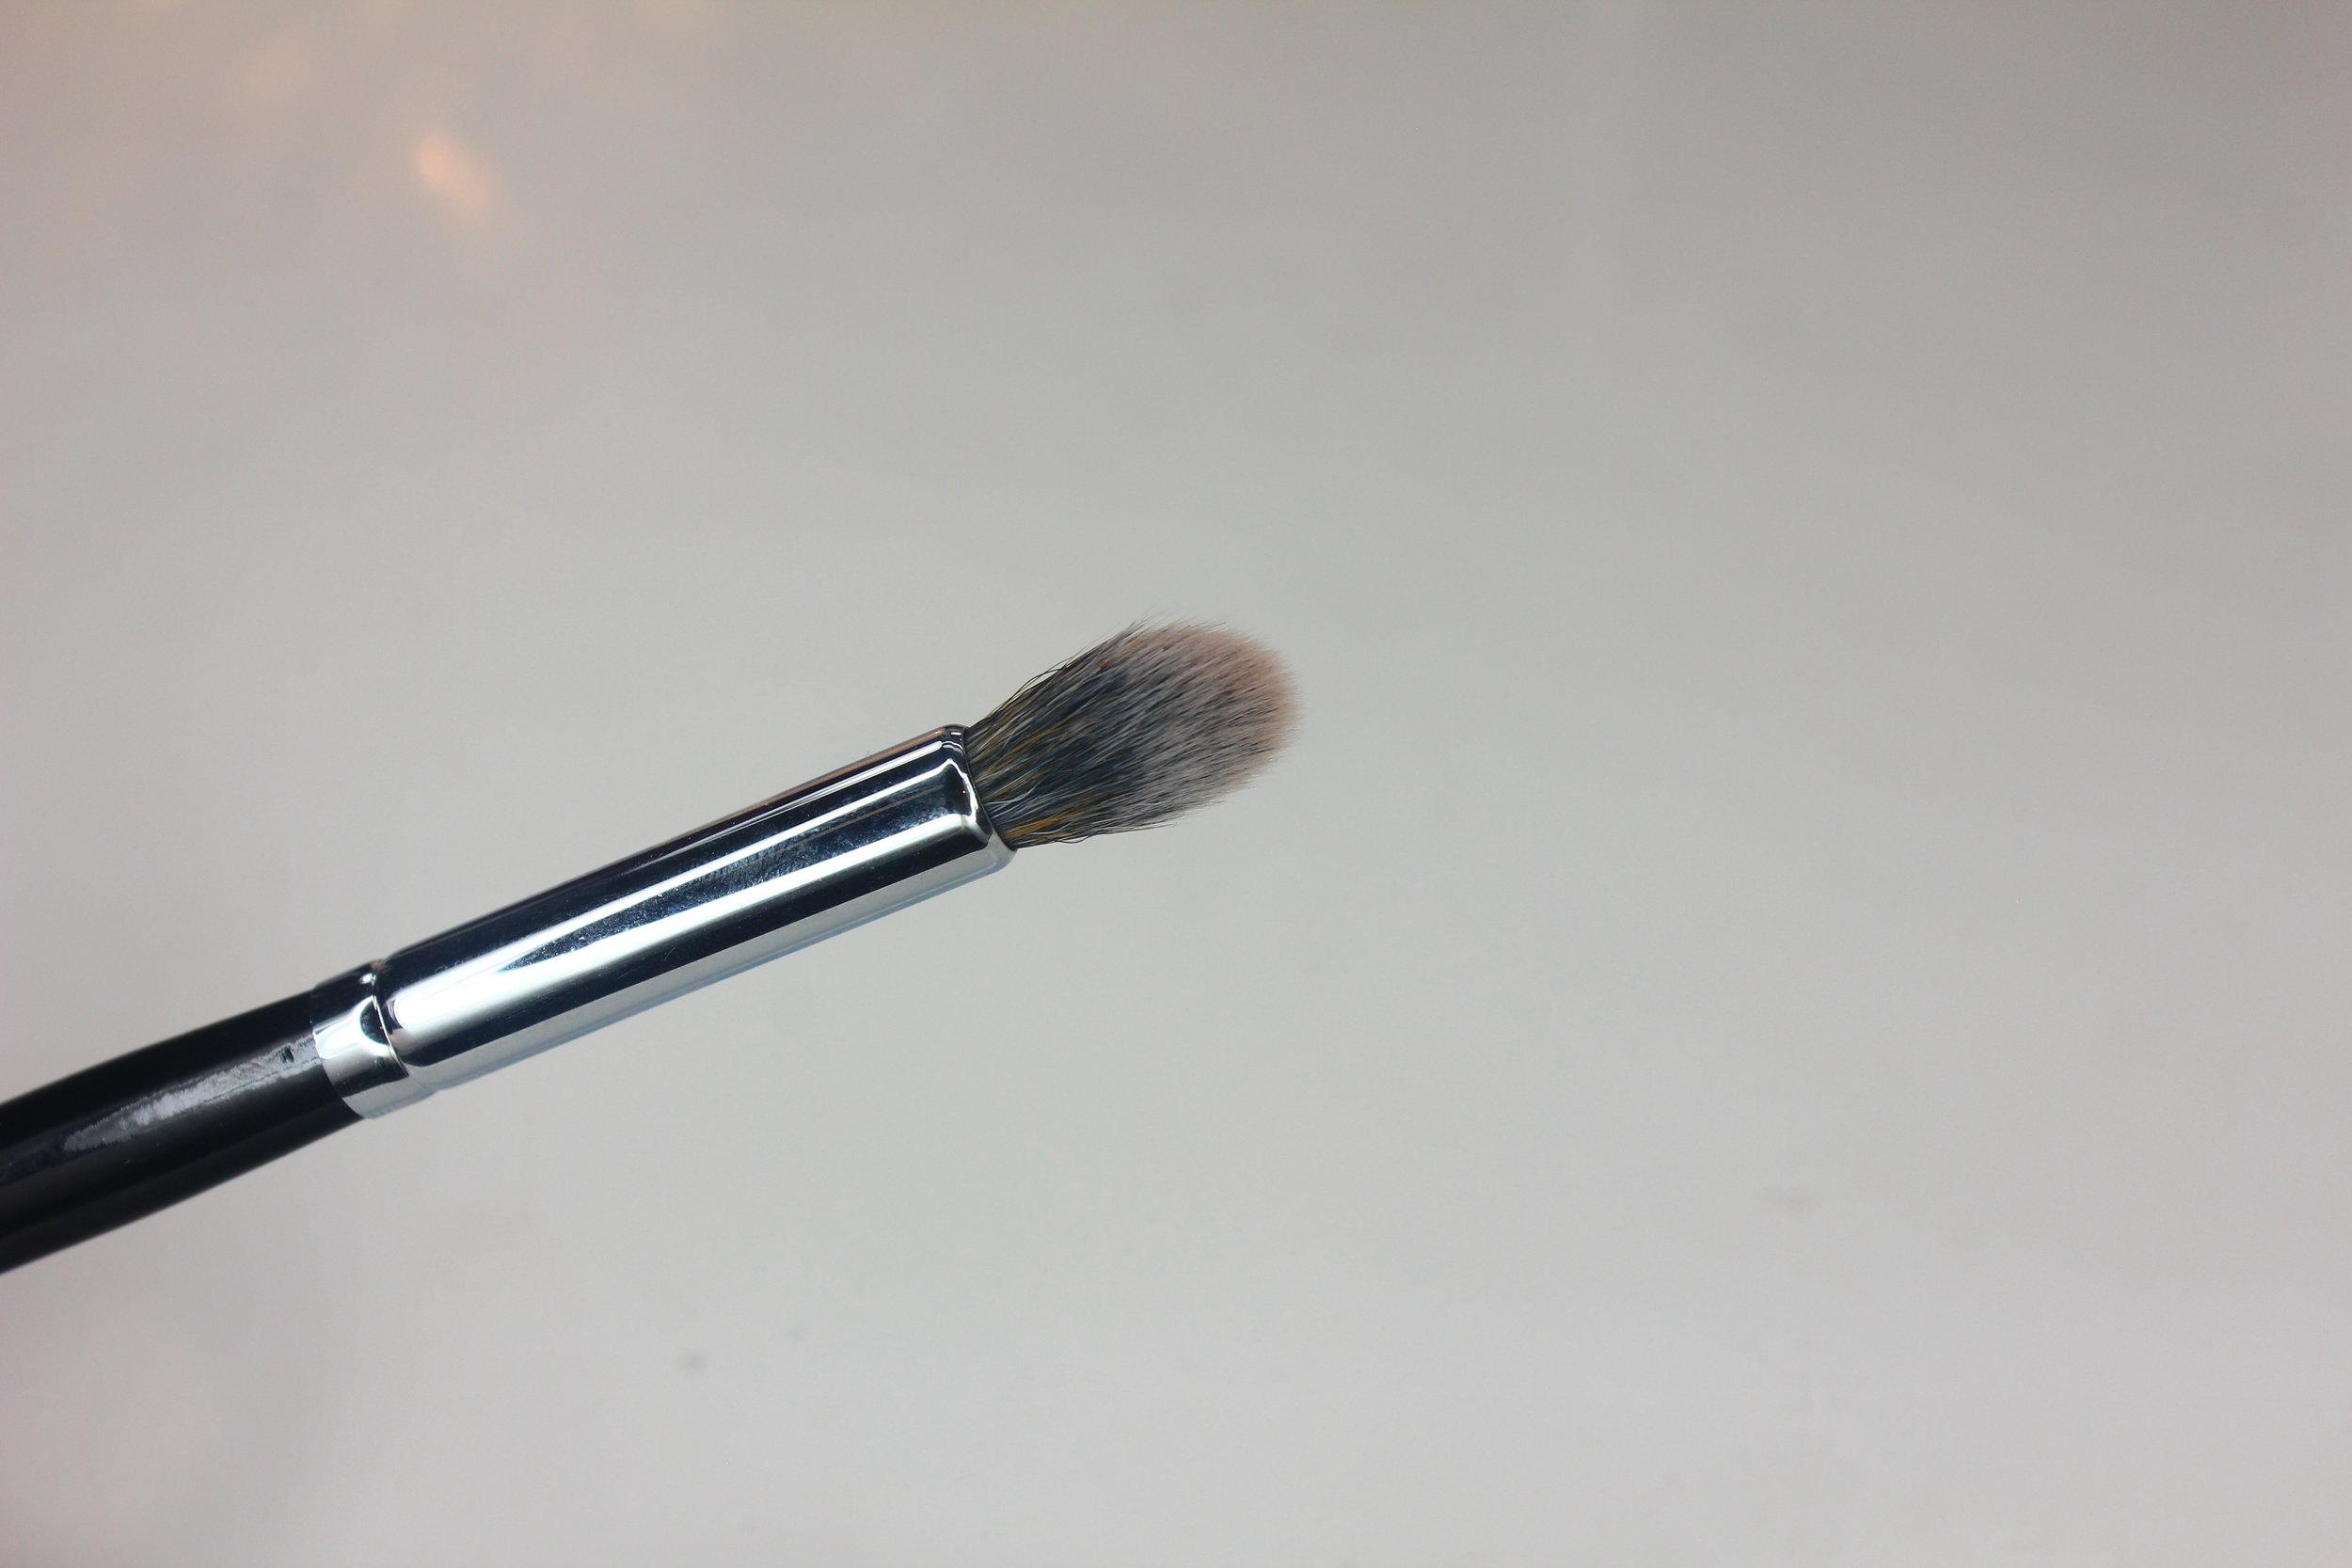 Morphe Brushes 2 - E22 Pointed Blender